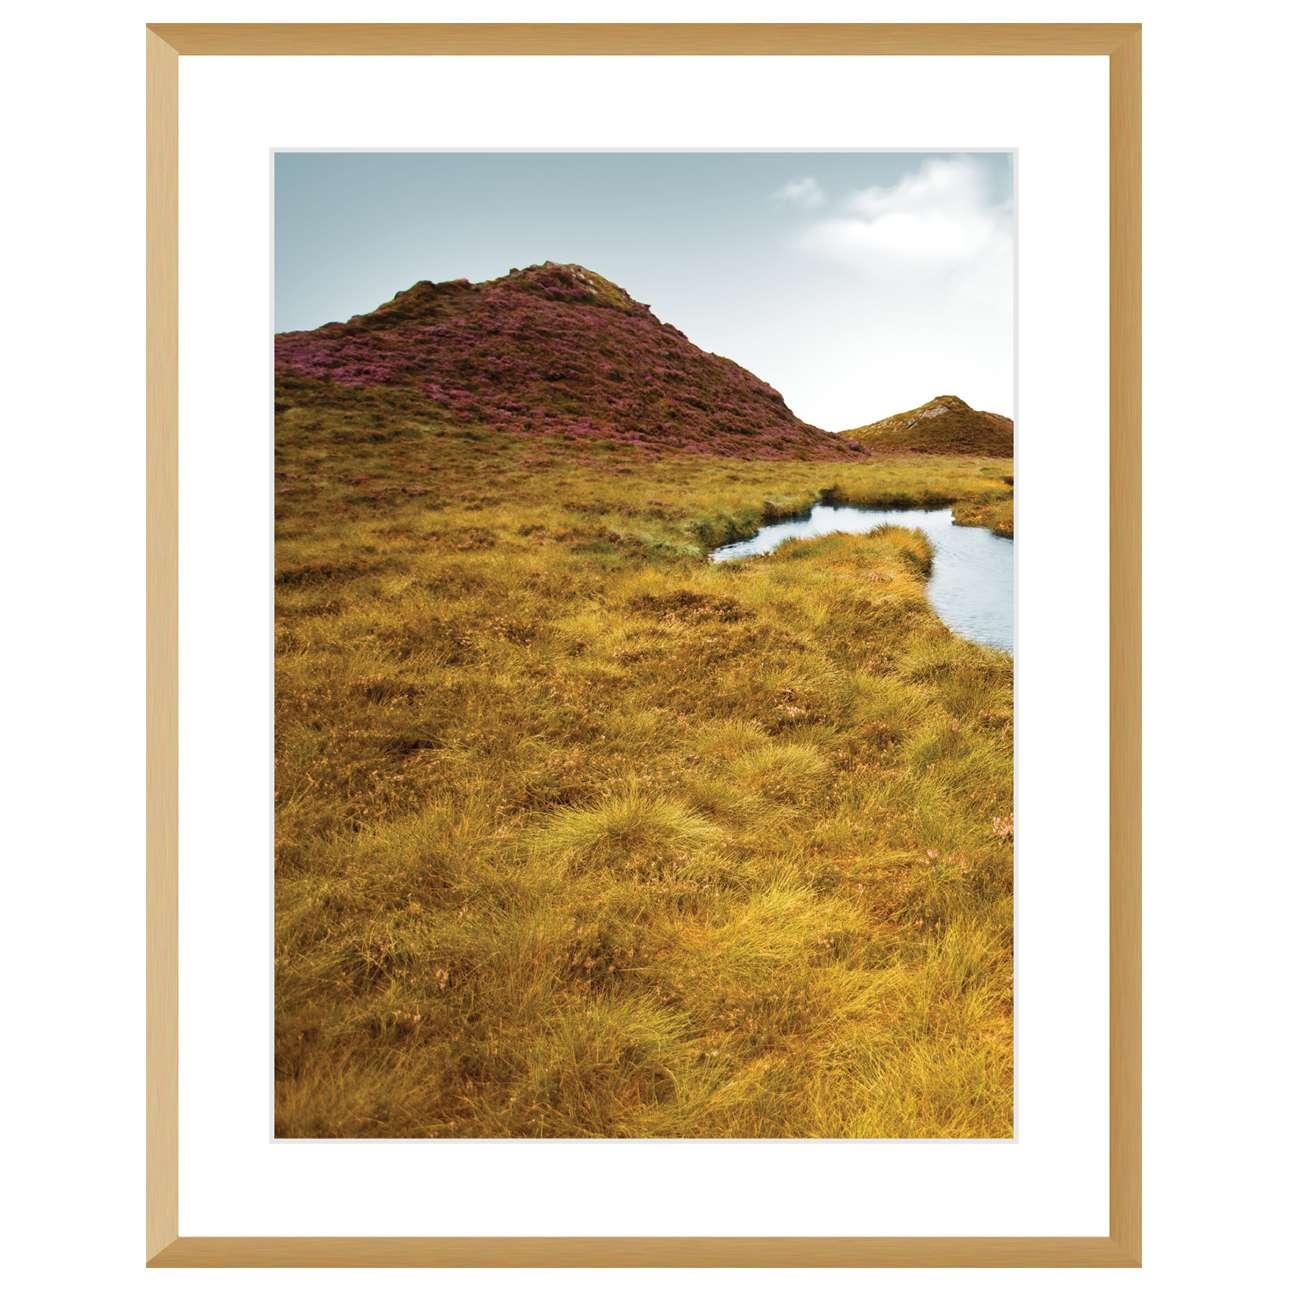 Bild Grassy Field I 40x50cm, 40x50cm | Dekoration > Bilder und Rahmen | Dekoria